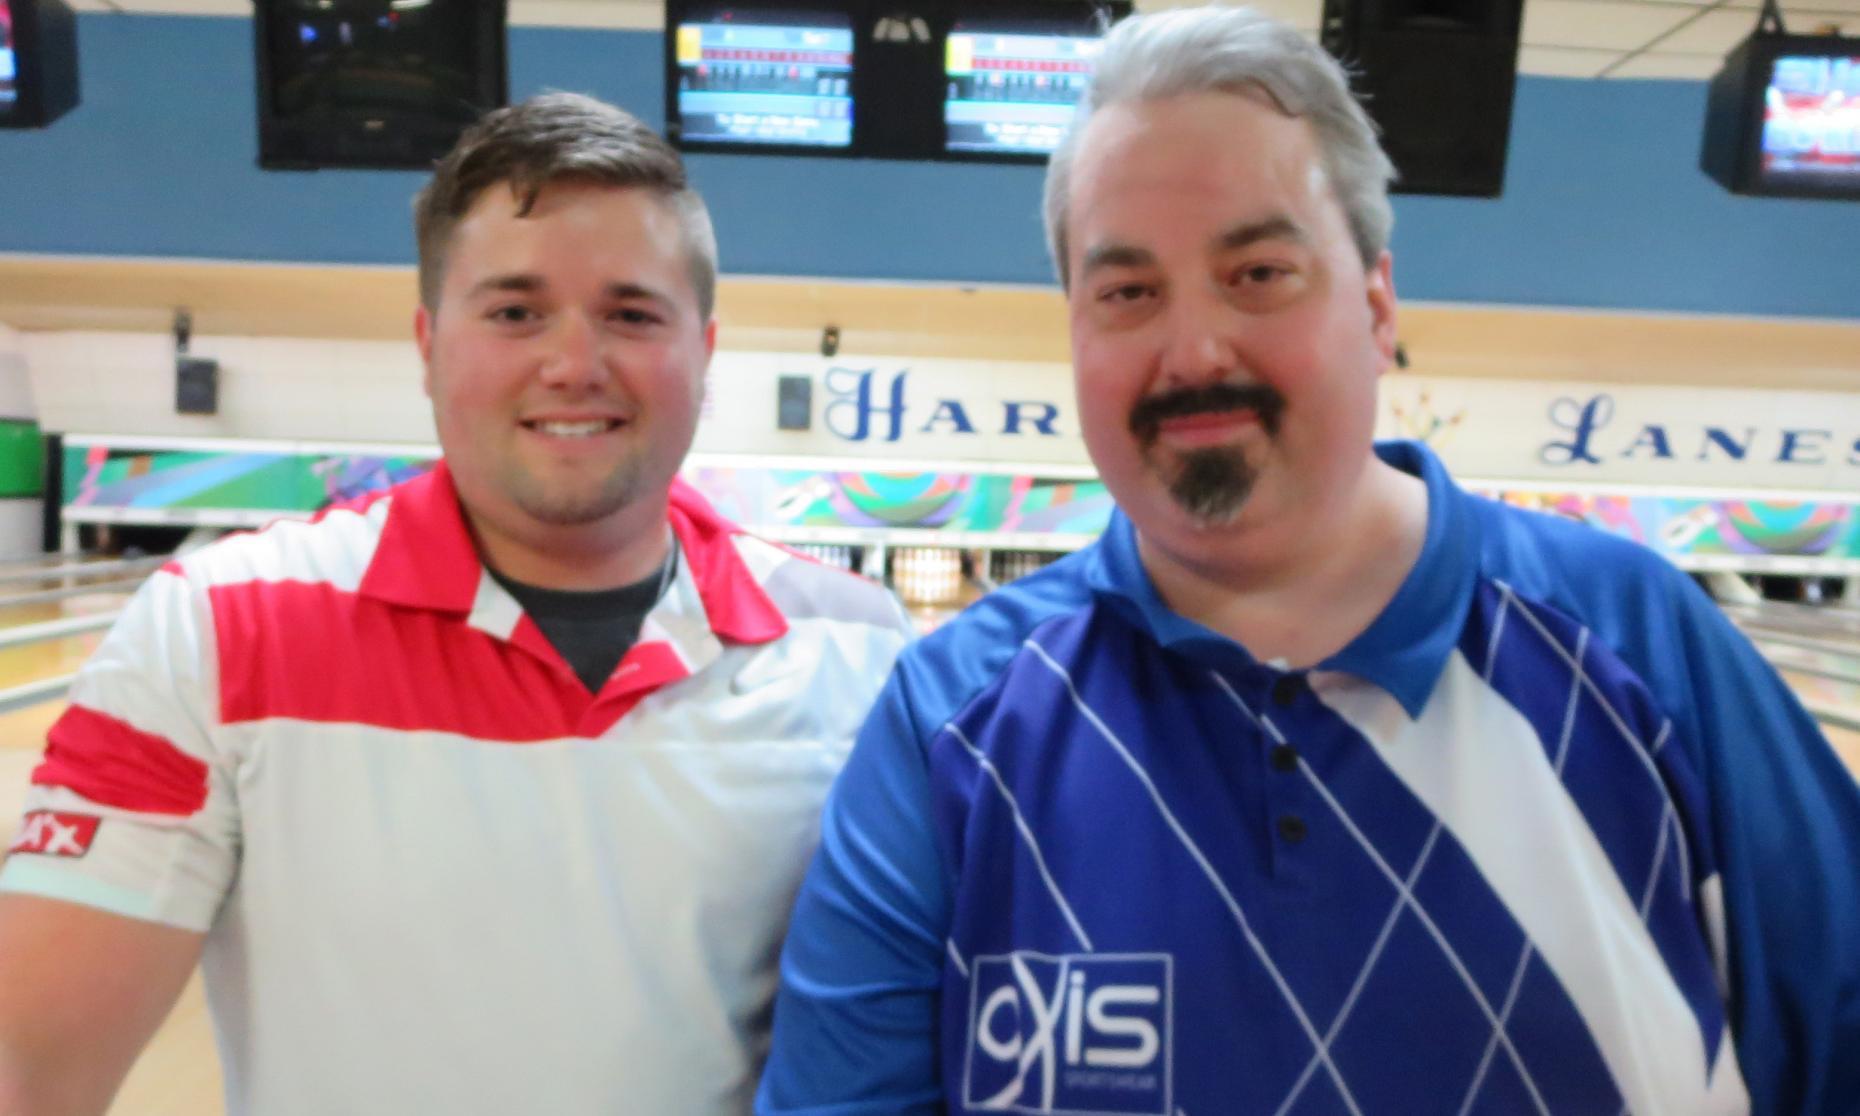 Champion Ryan Tamburrino and Runner-up Brian Regan